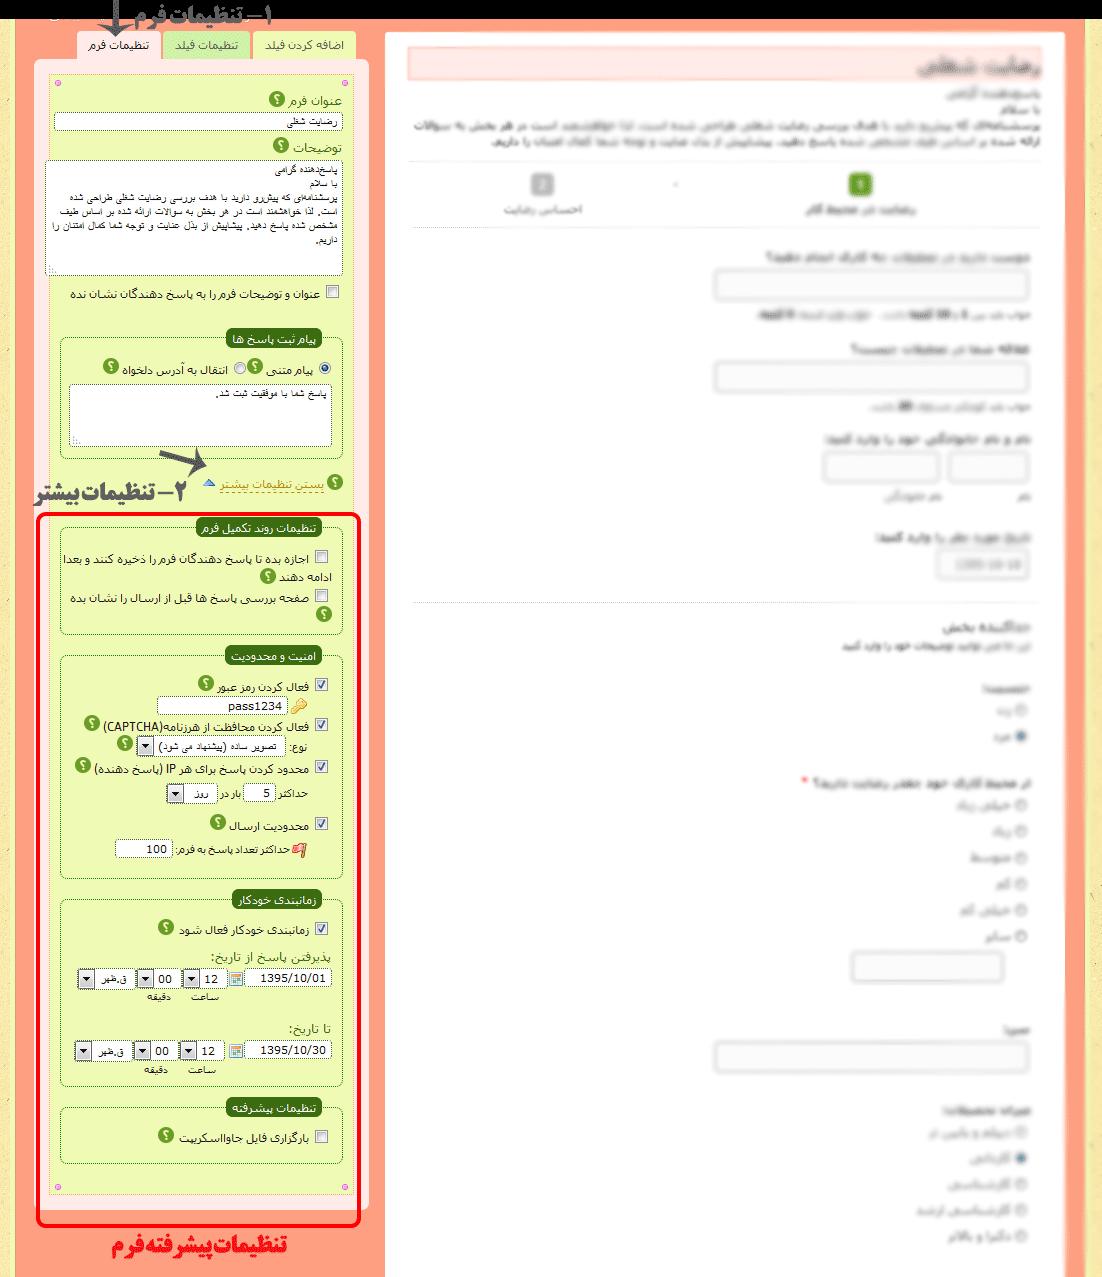 تنظیمات پیشرفته فرم